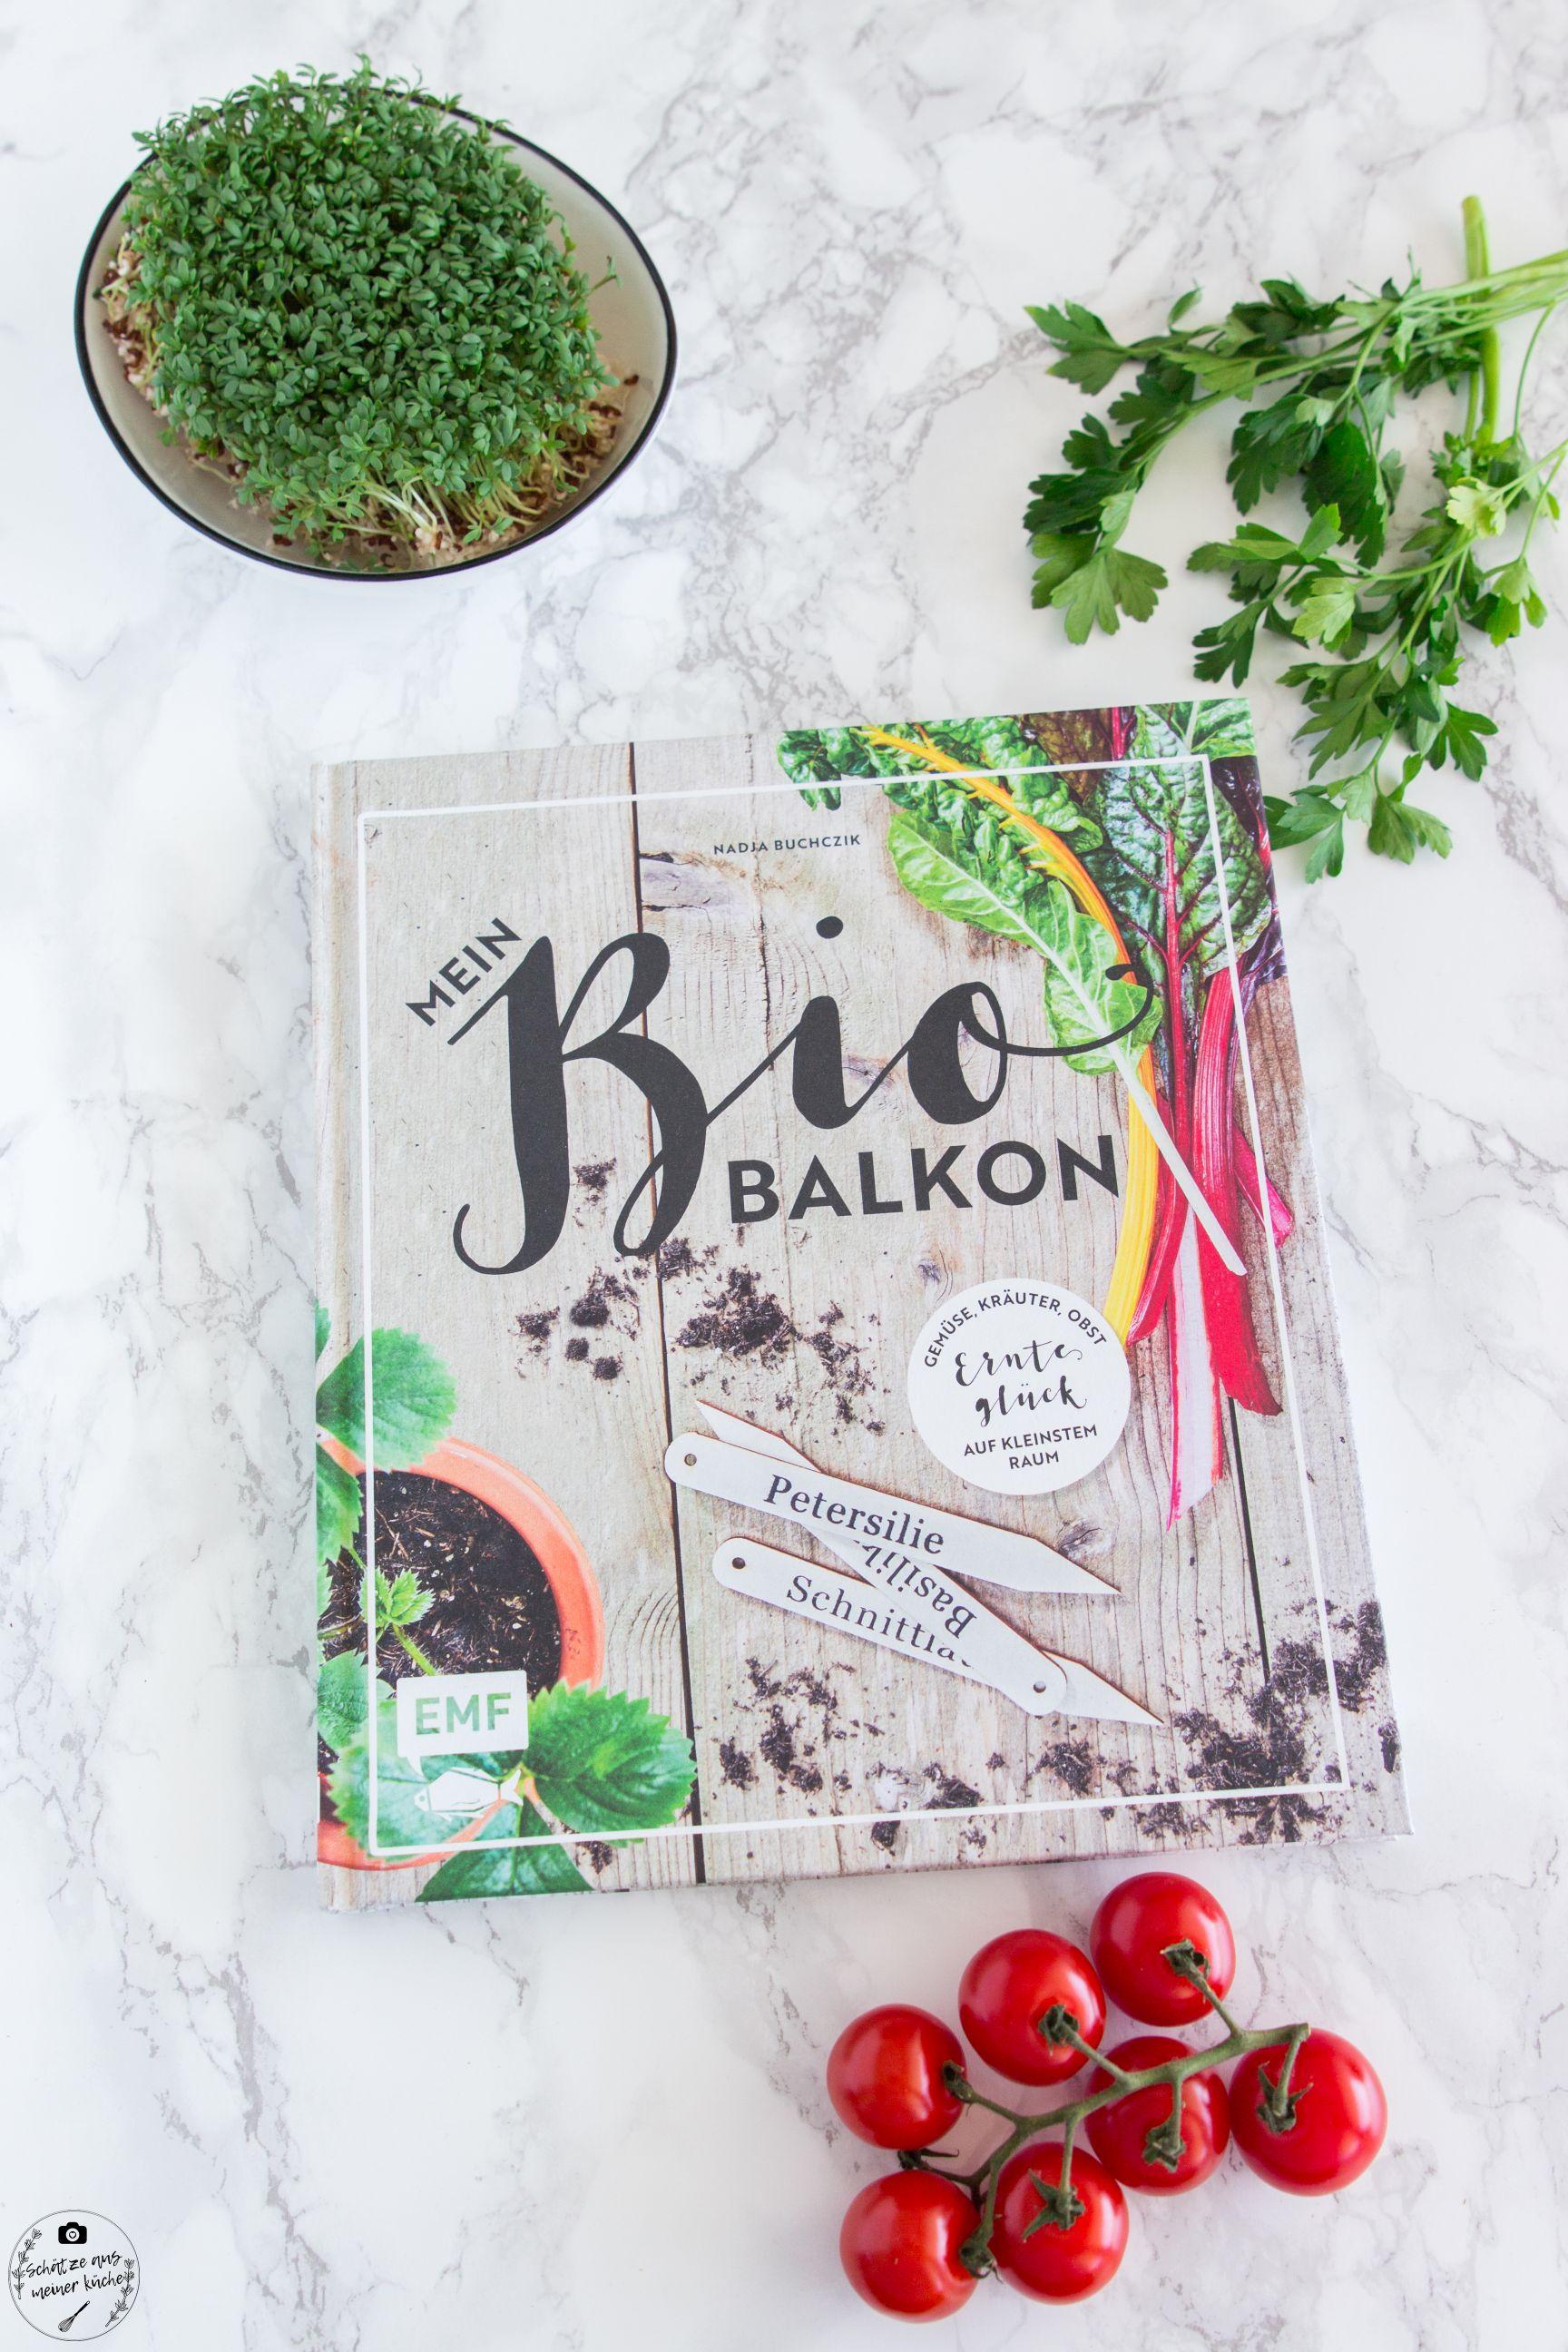 Mein Bio Balkon EMF Verlag